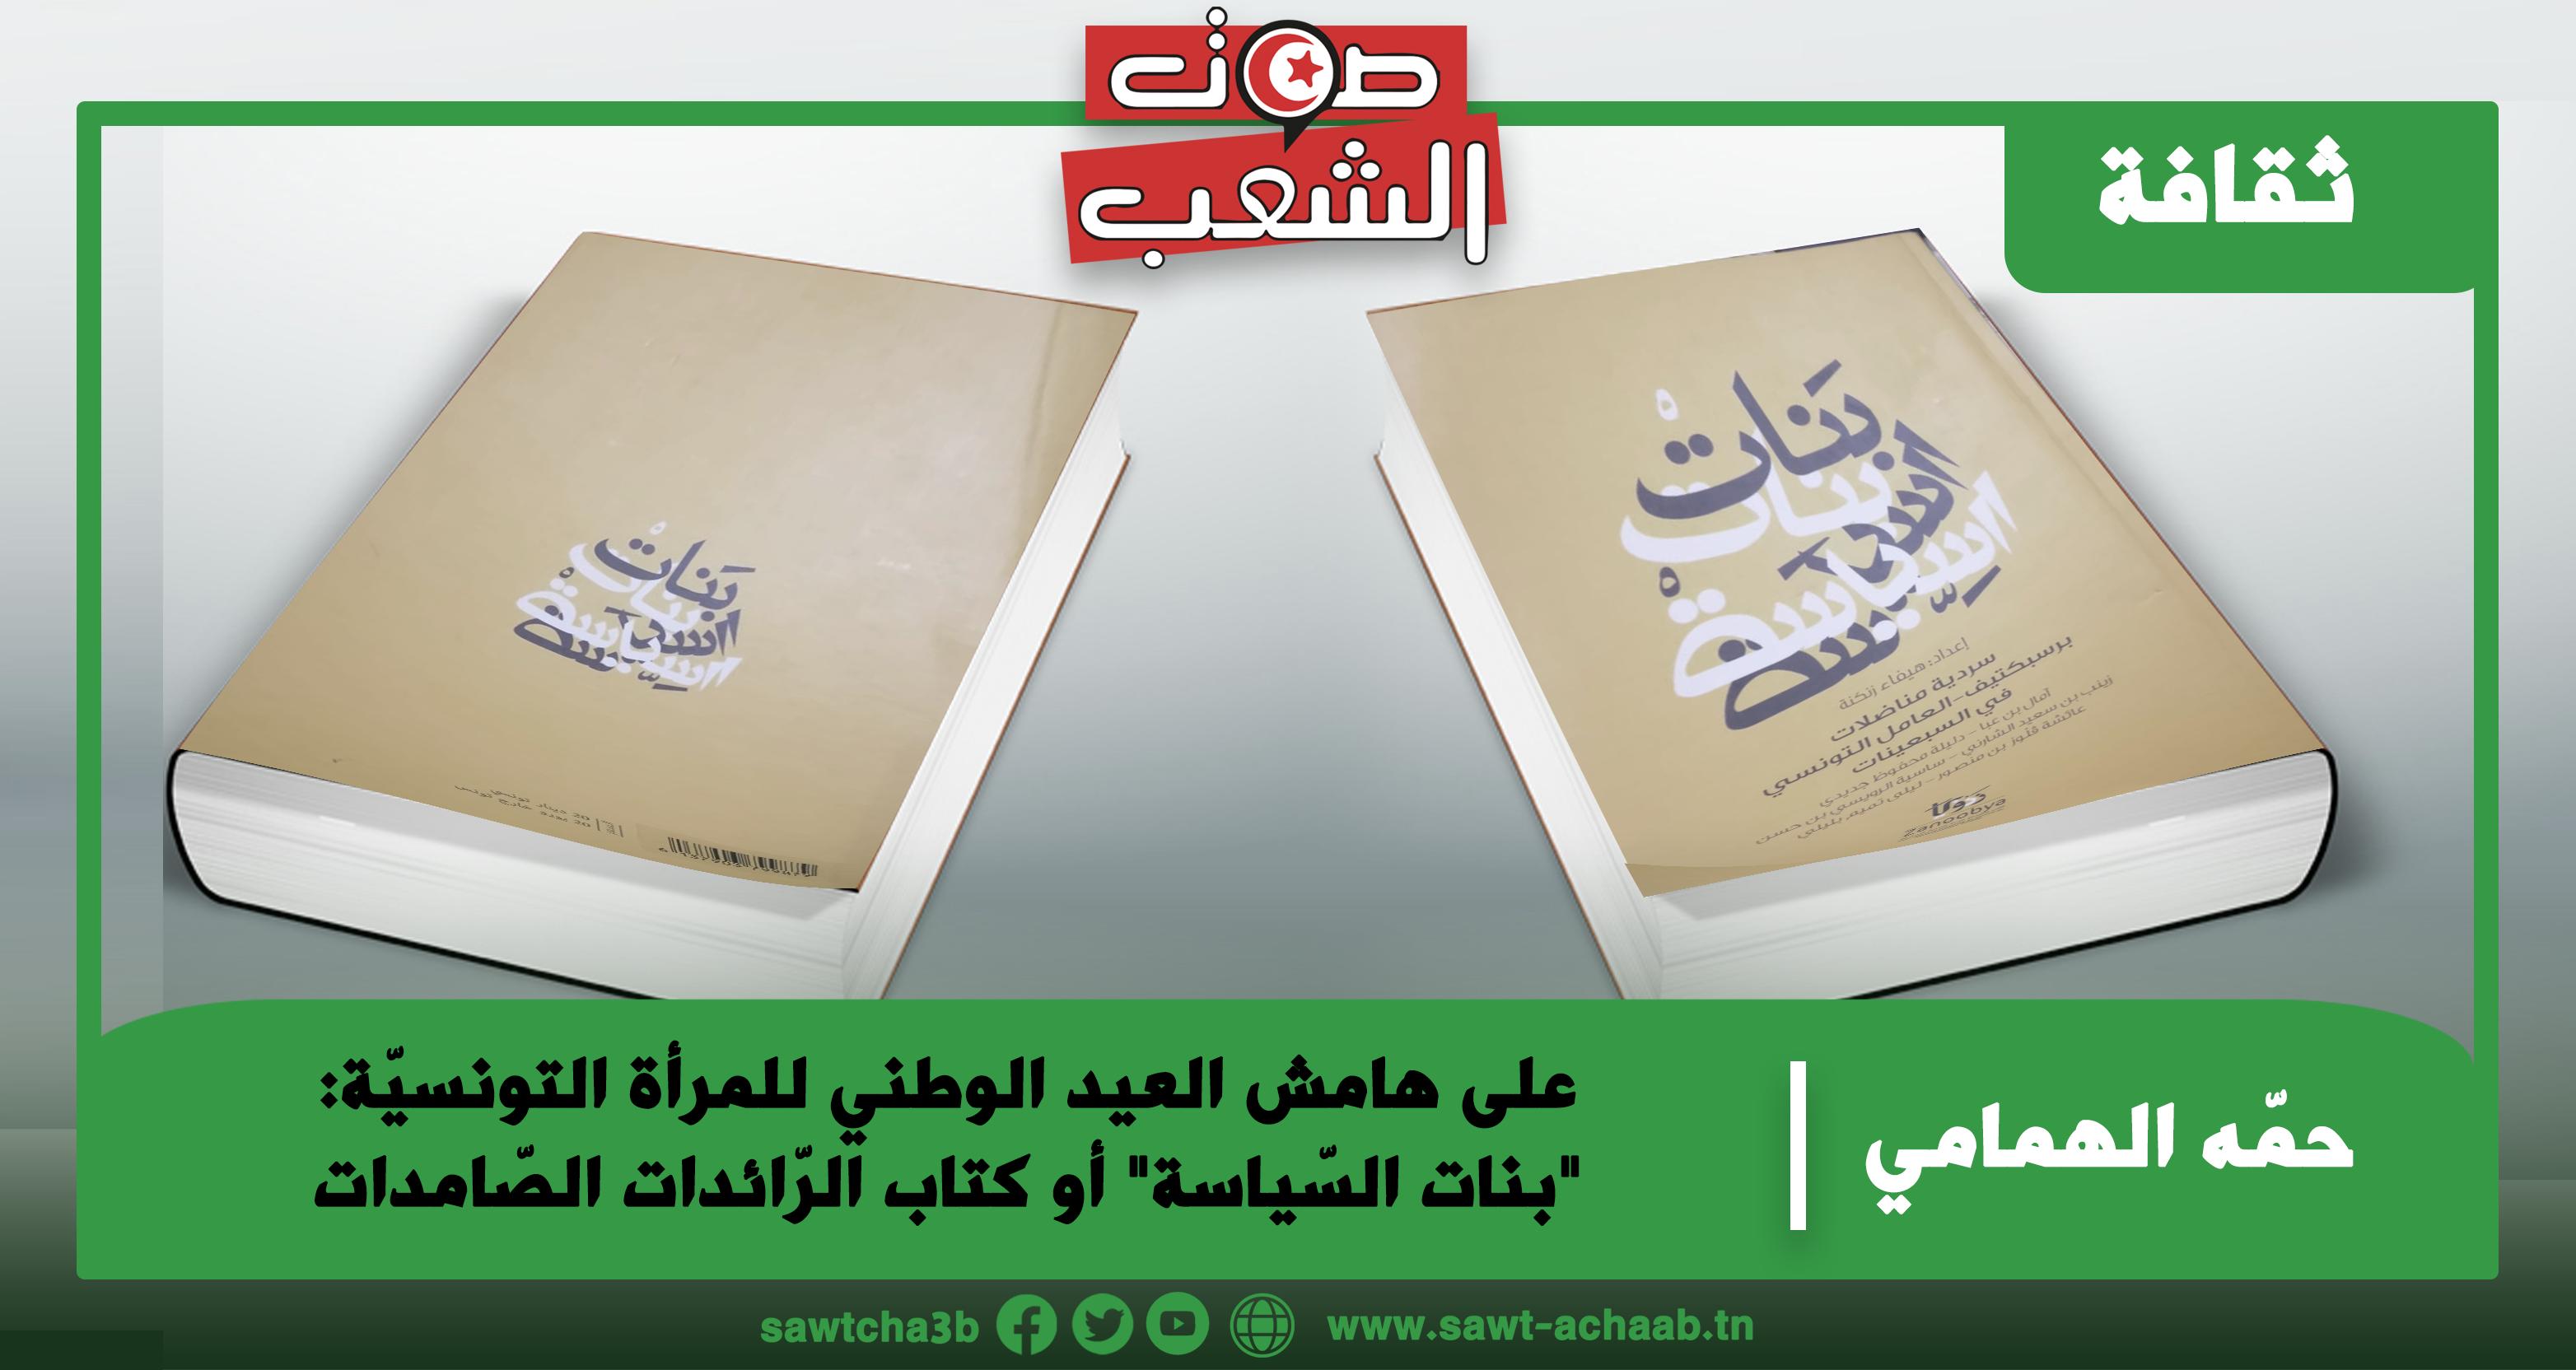 """على هامش العيد الوطني للمرأة التونسيّة:  """"بنات السّياسة"""" أو كتاب الرّائدات الصّامدات"""